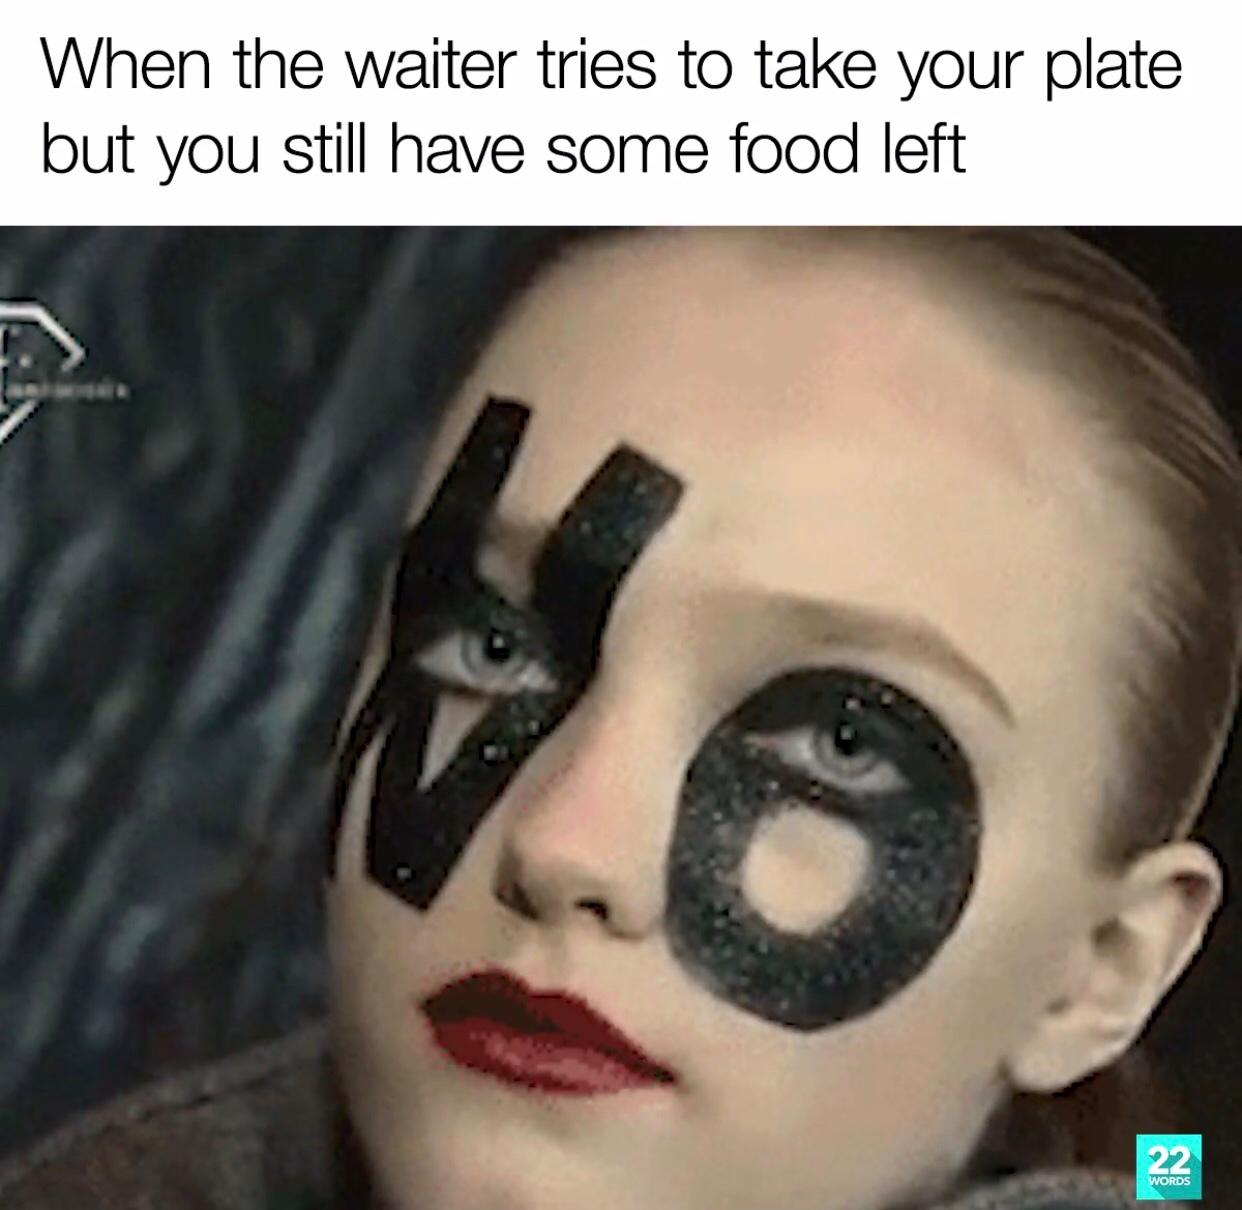 grrr - meme